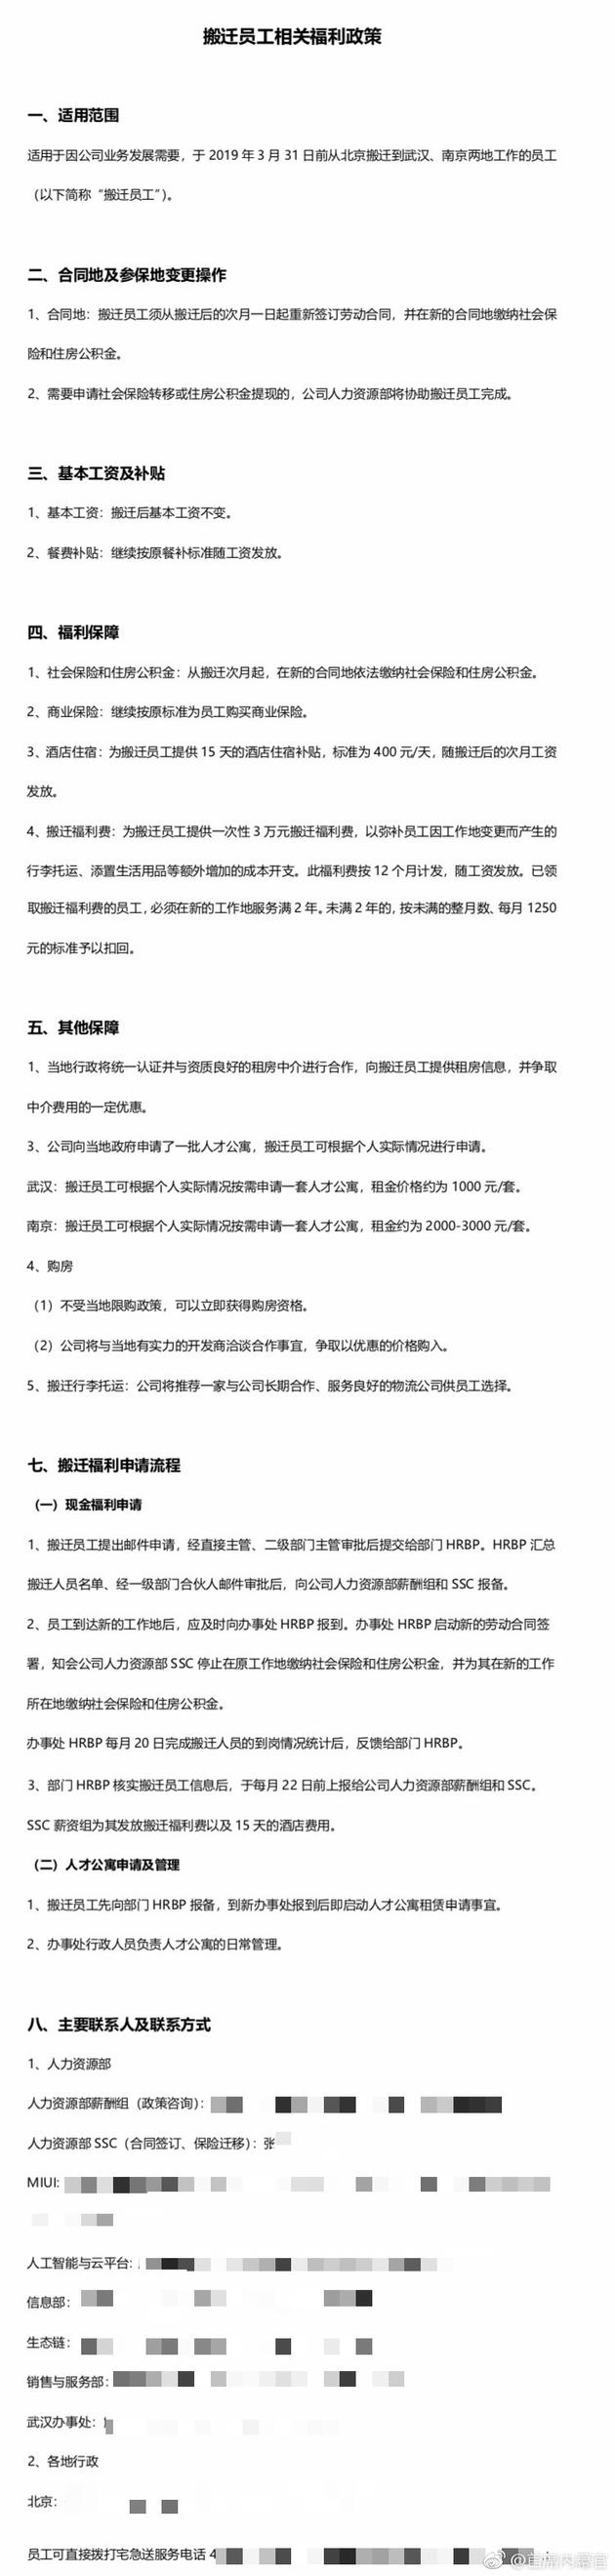 曝小米员工从北京迁往武汉政策:补贴3万 买房不限购